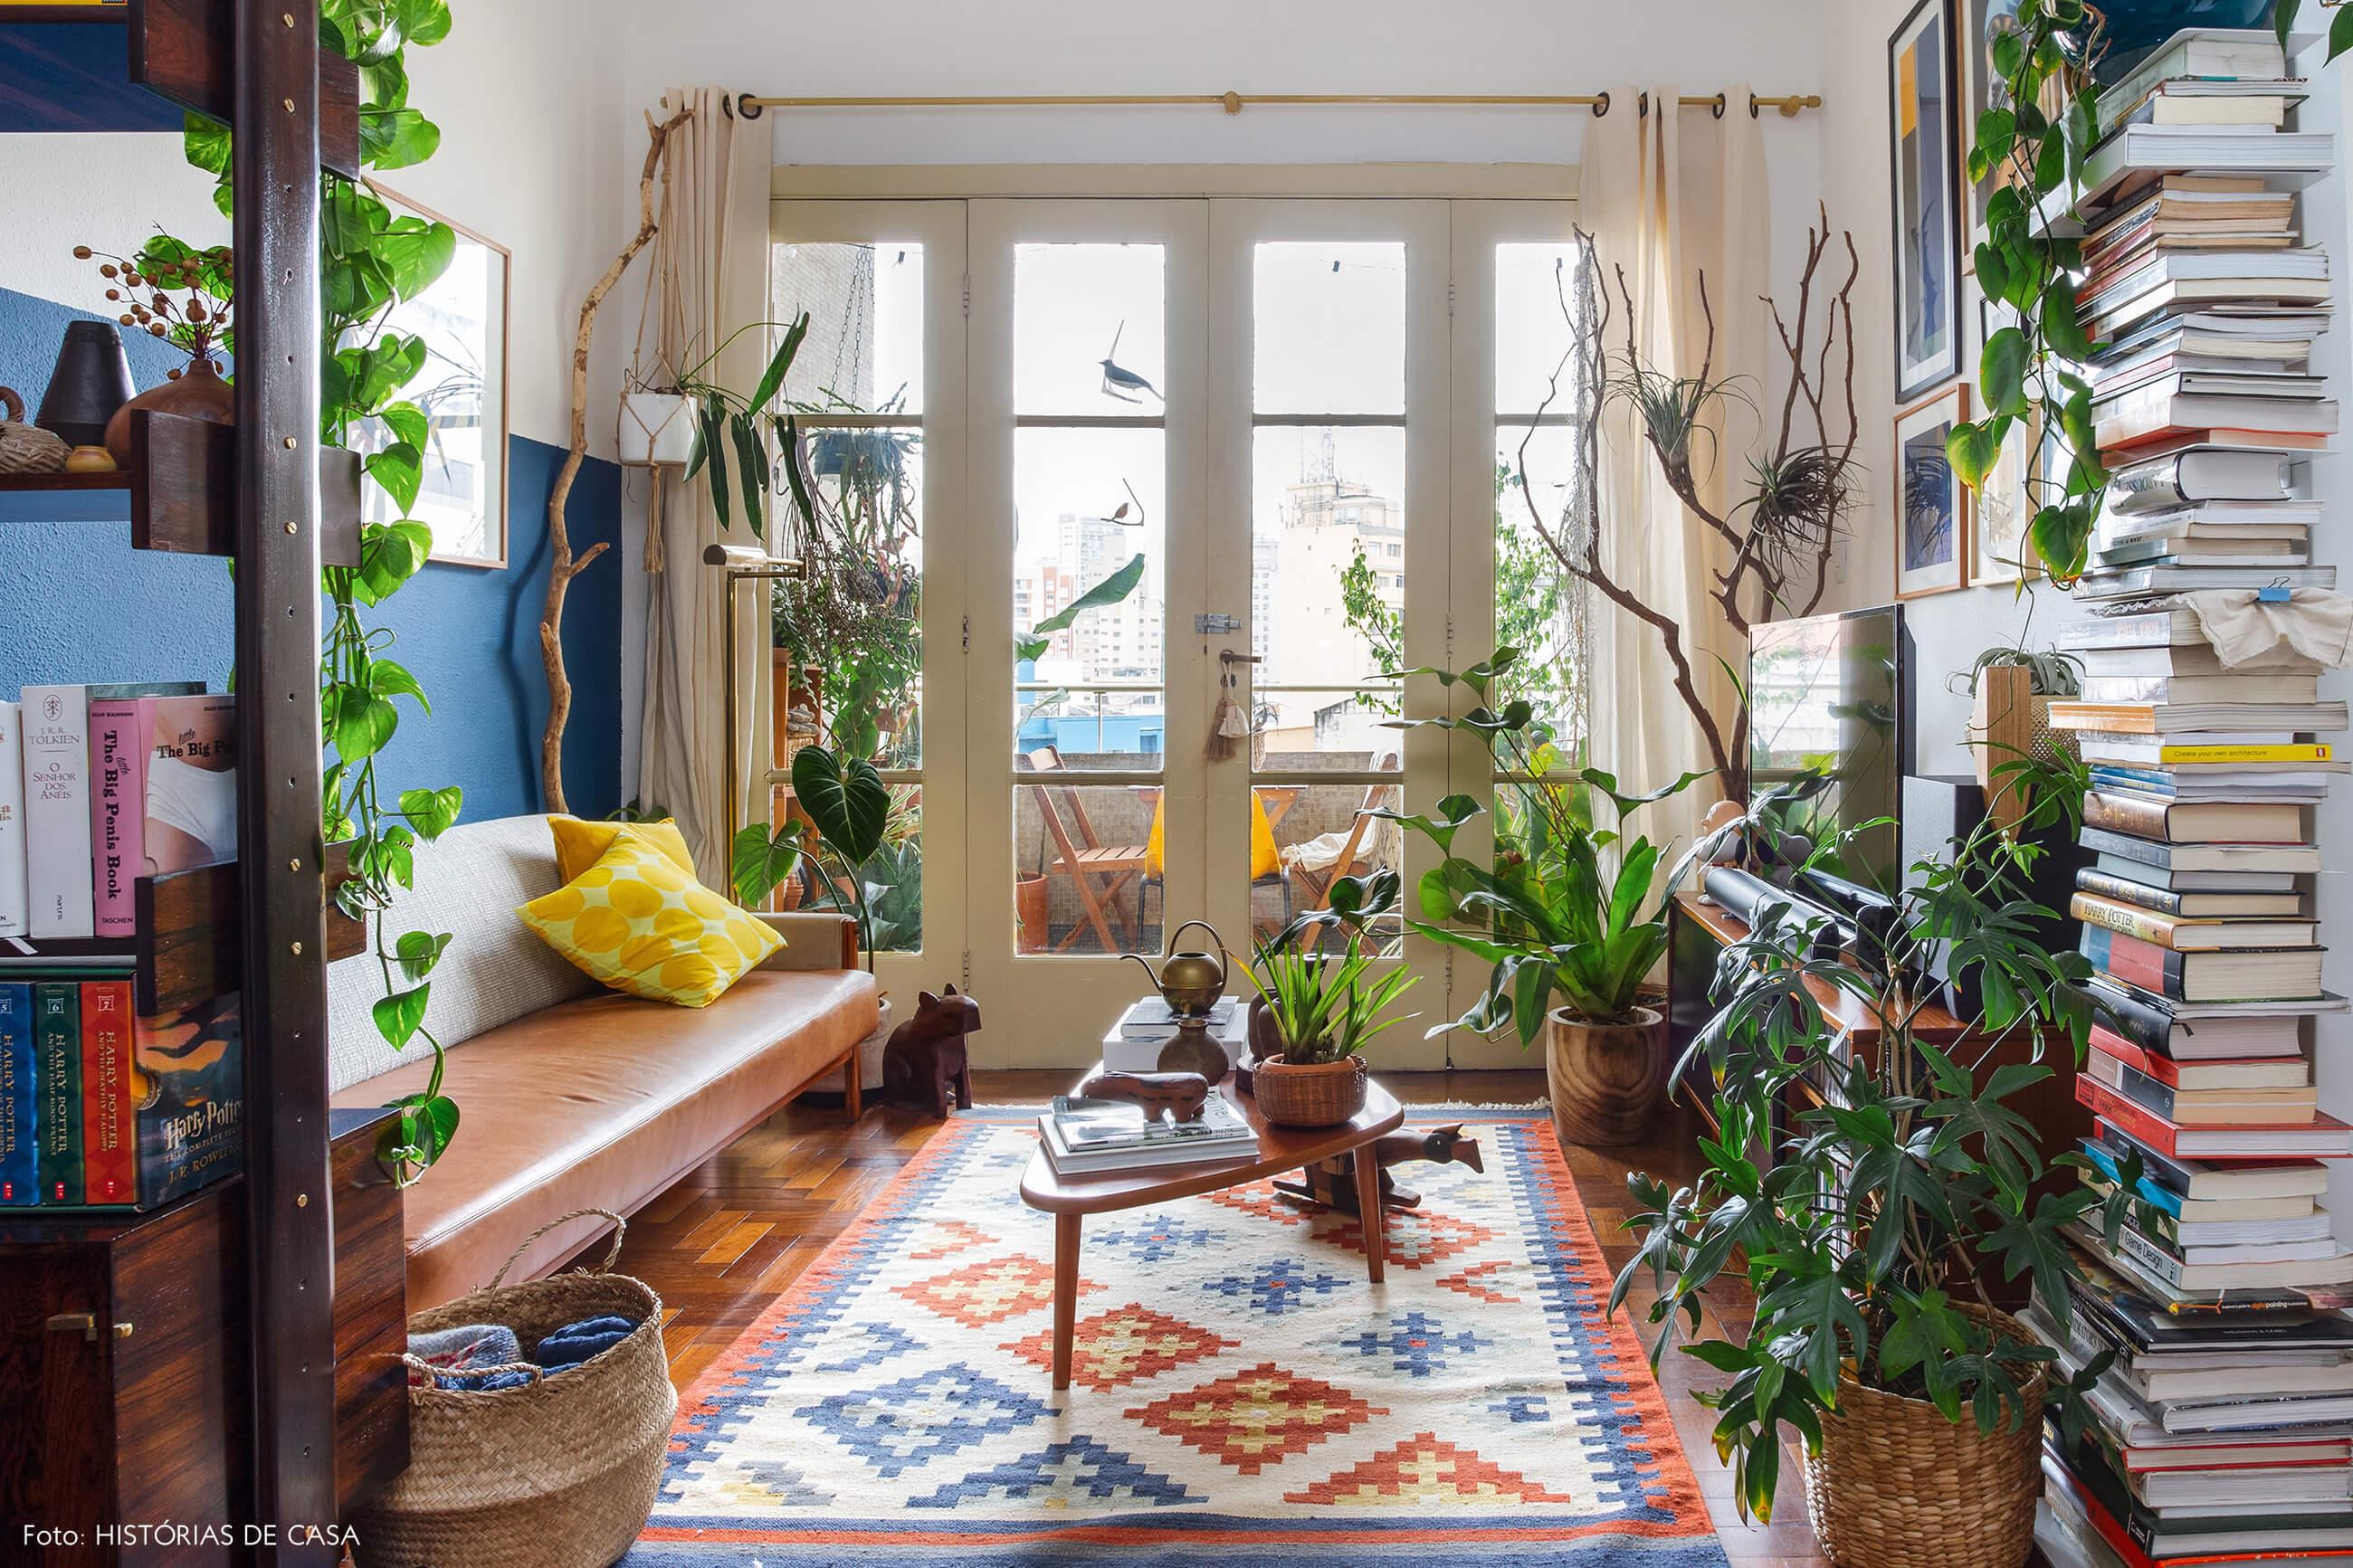 Sala colorida com móveis vintage e plantas